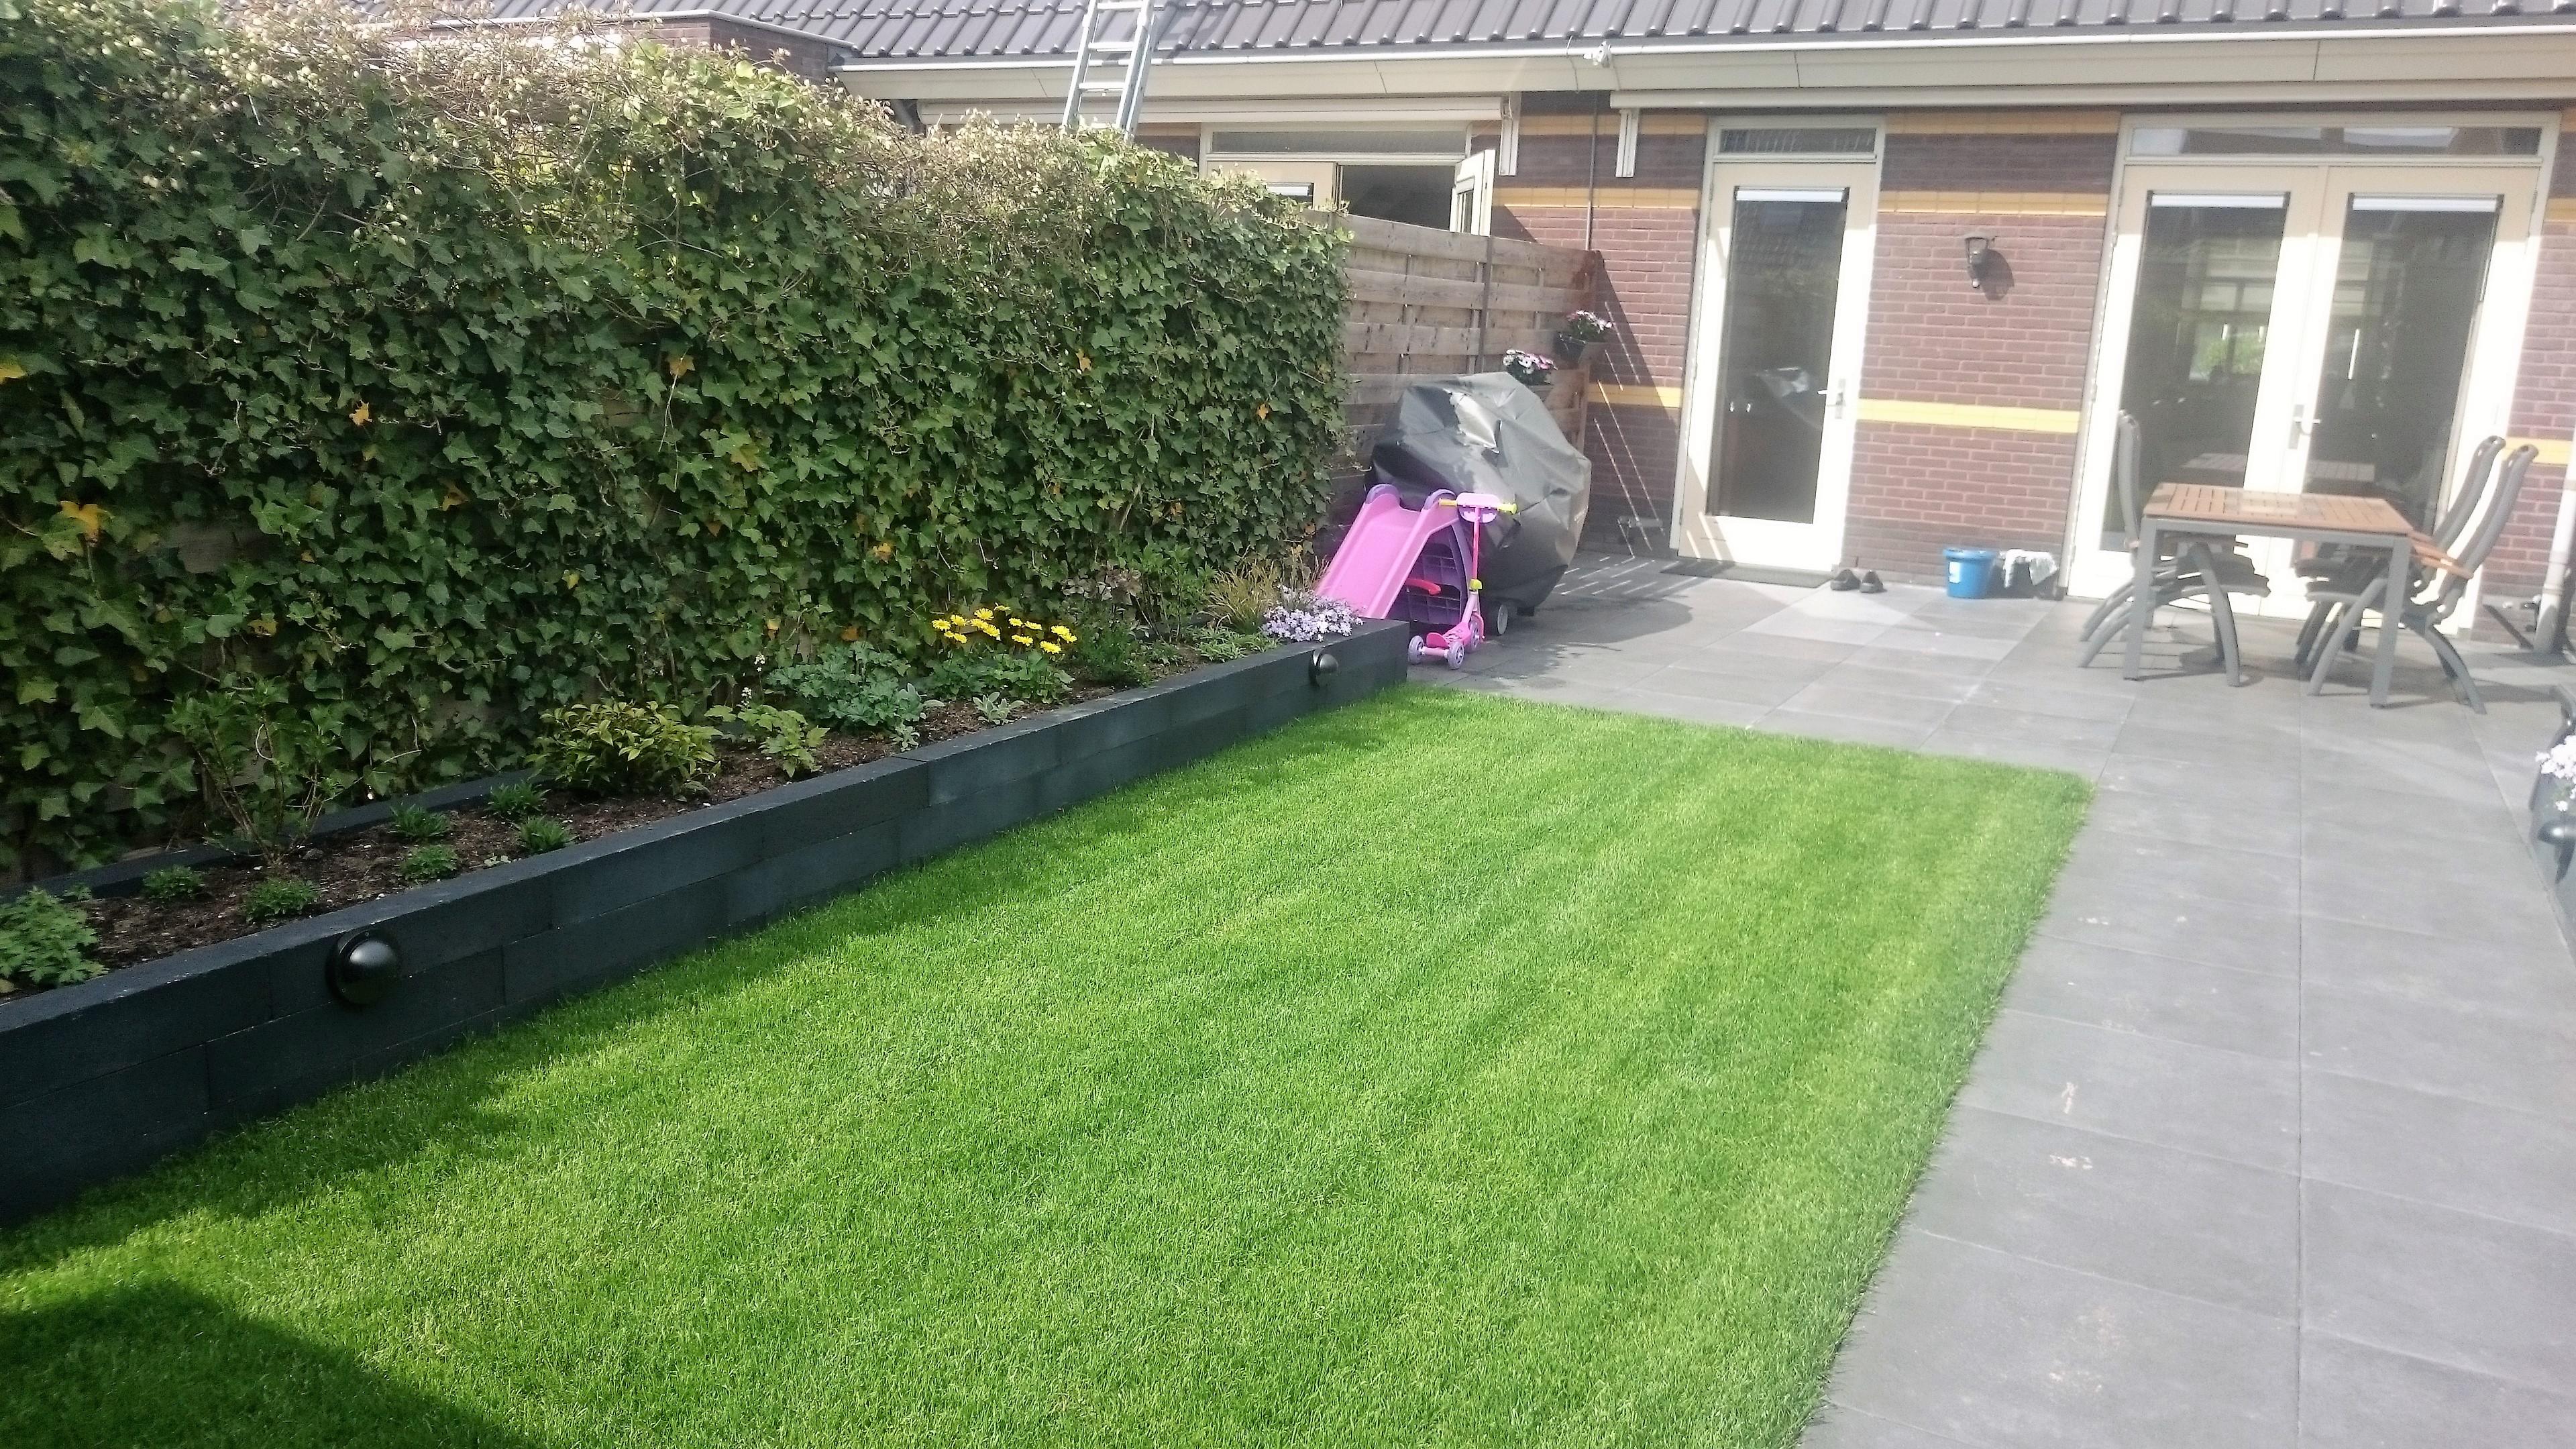 Grote Tegels Tuin : Praktische tuin met mooie grote donkergrijze tegels gert lieman